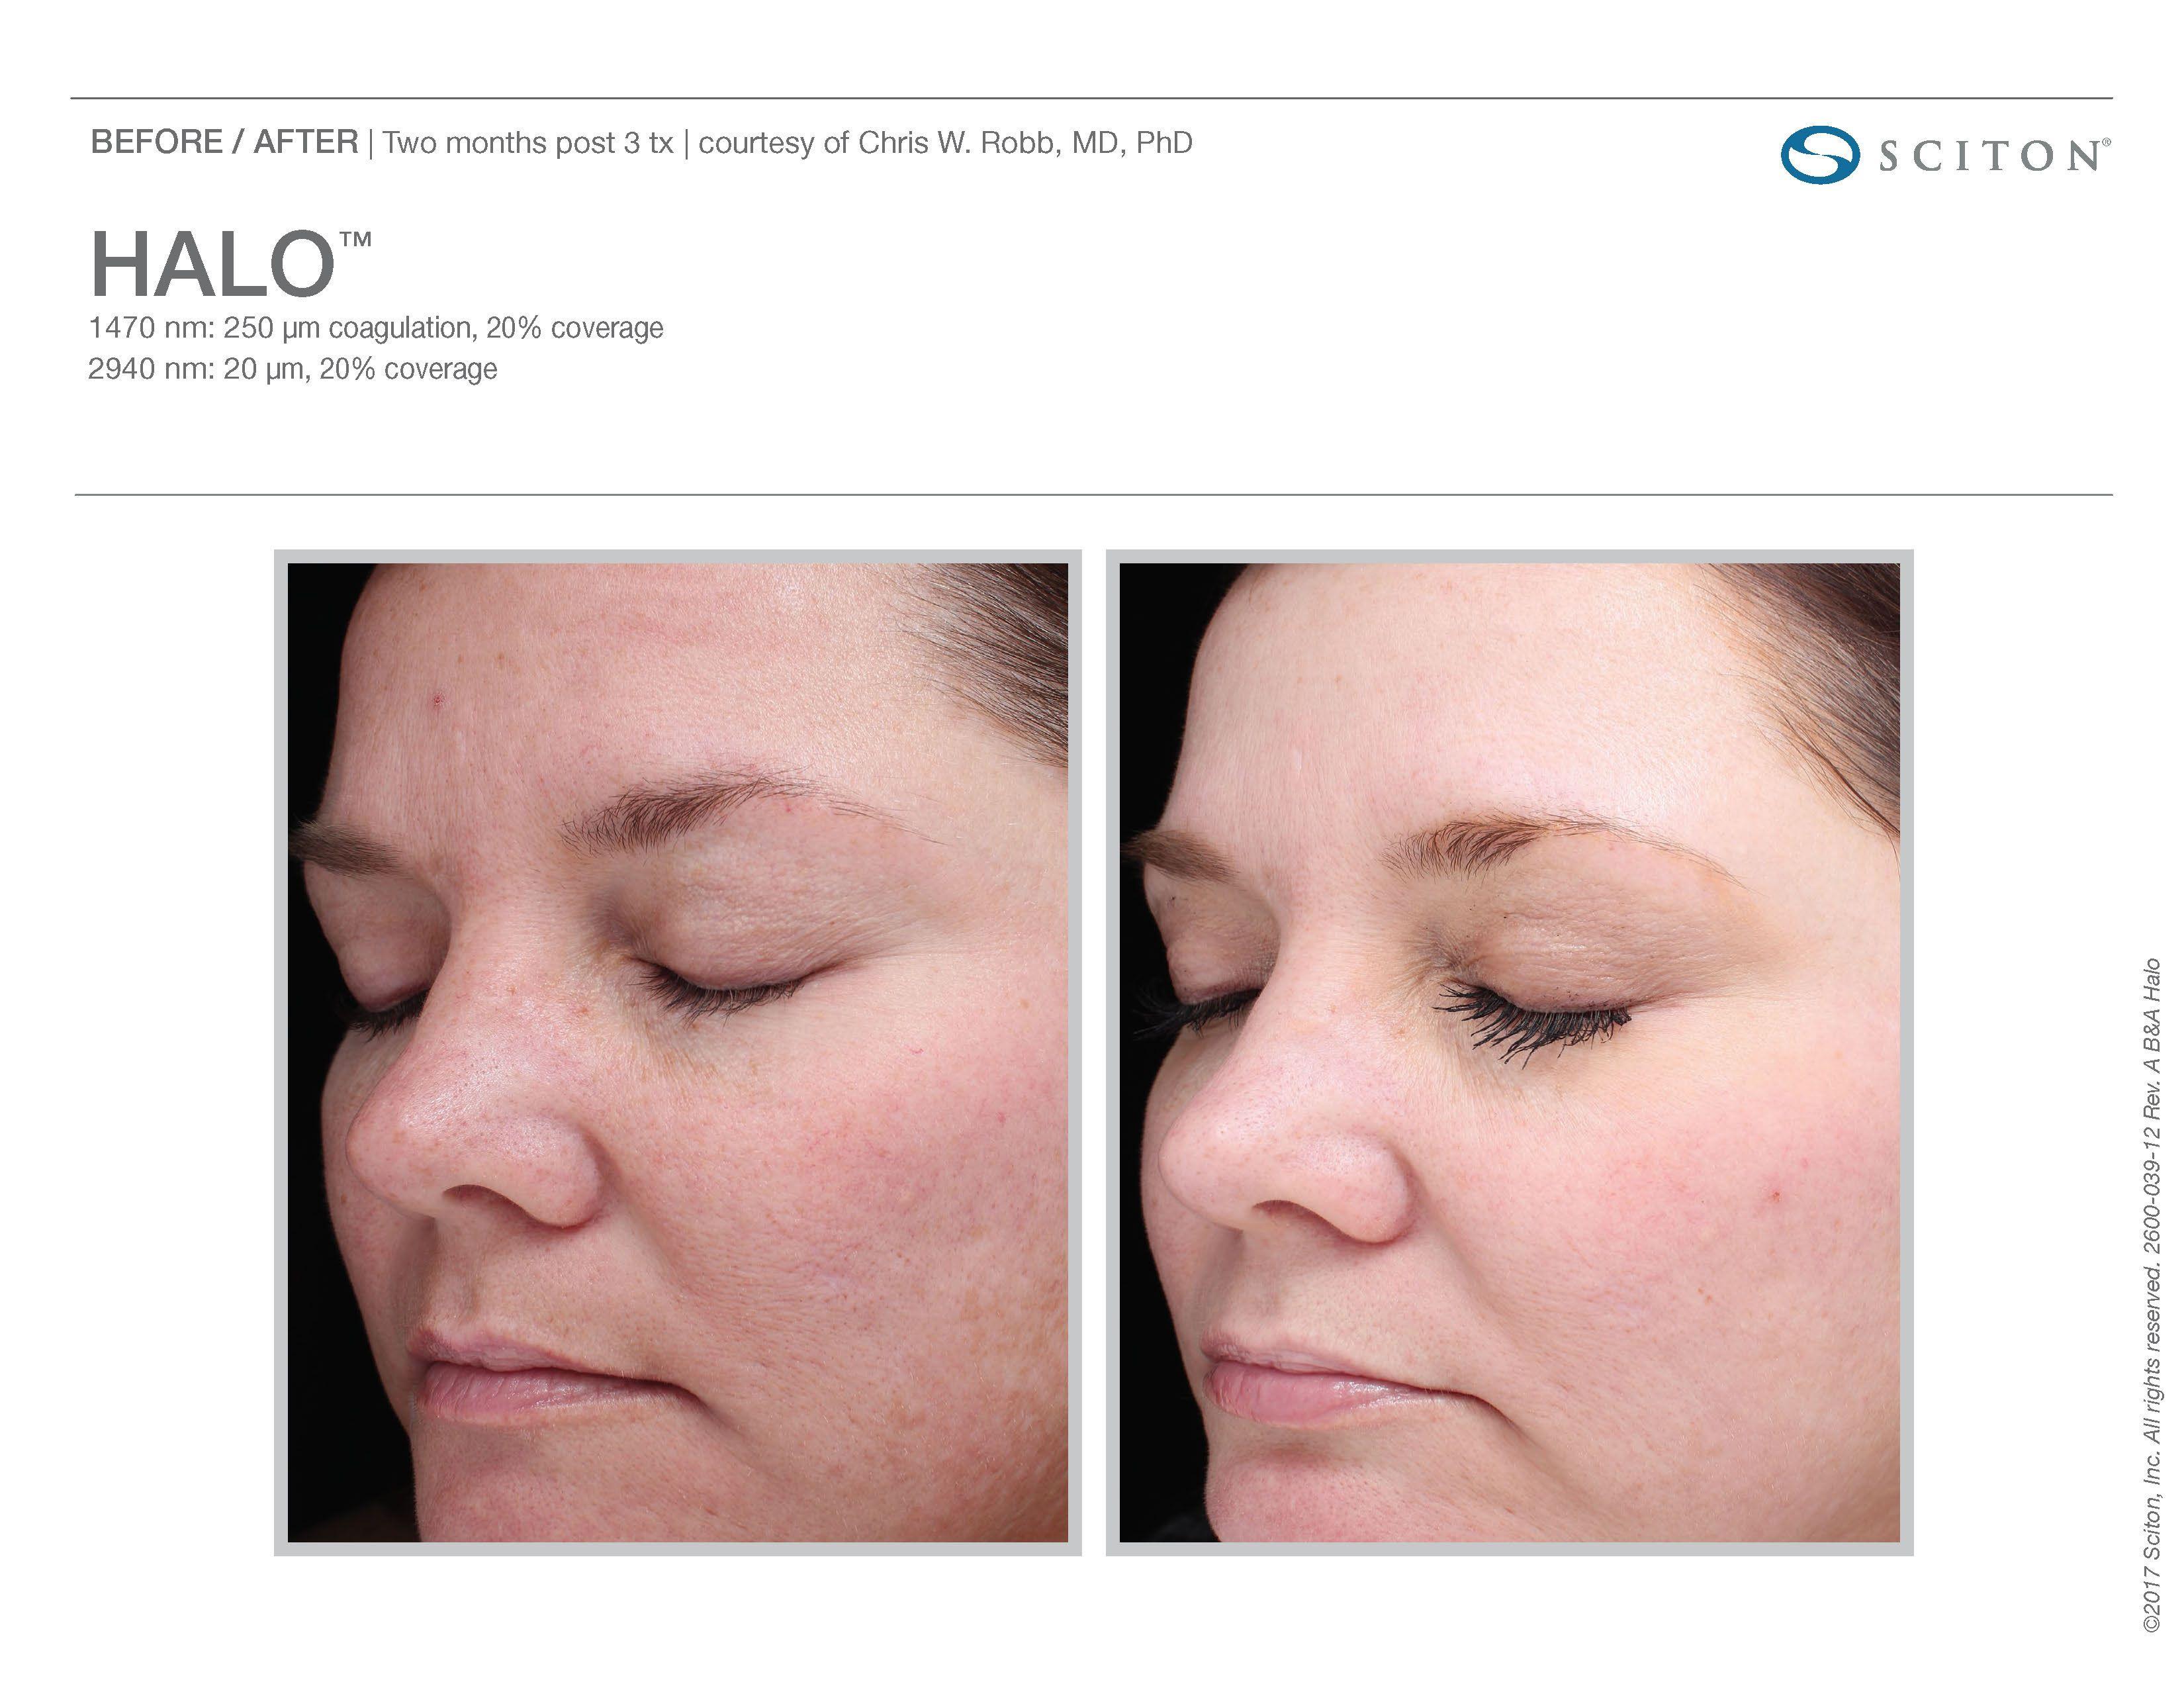 2 Months After Halo Skin Rejuvenation Skin Rejuvenation Skin Care Procedures Laser Rejuvenation